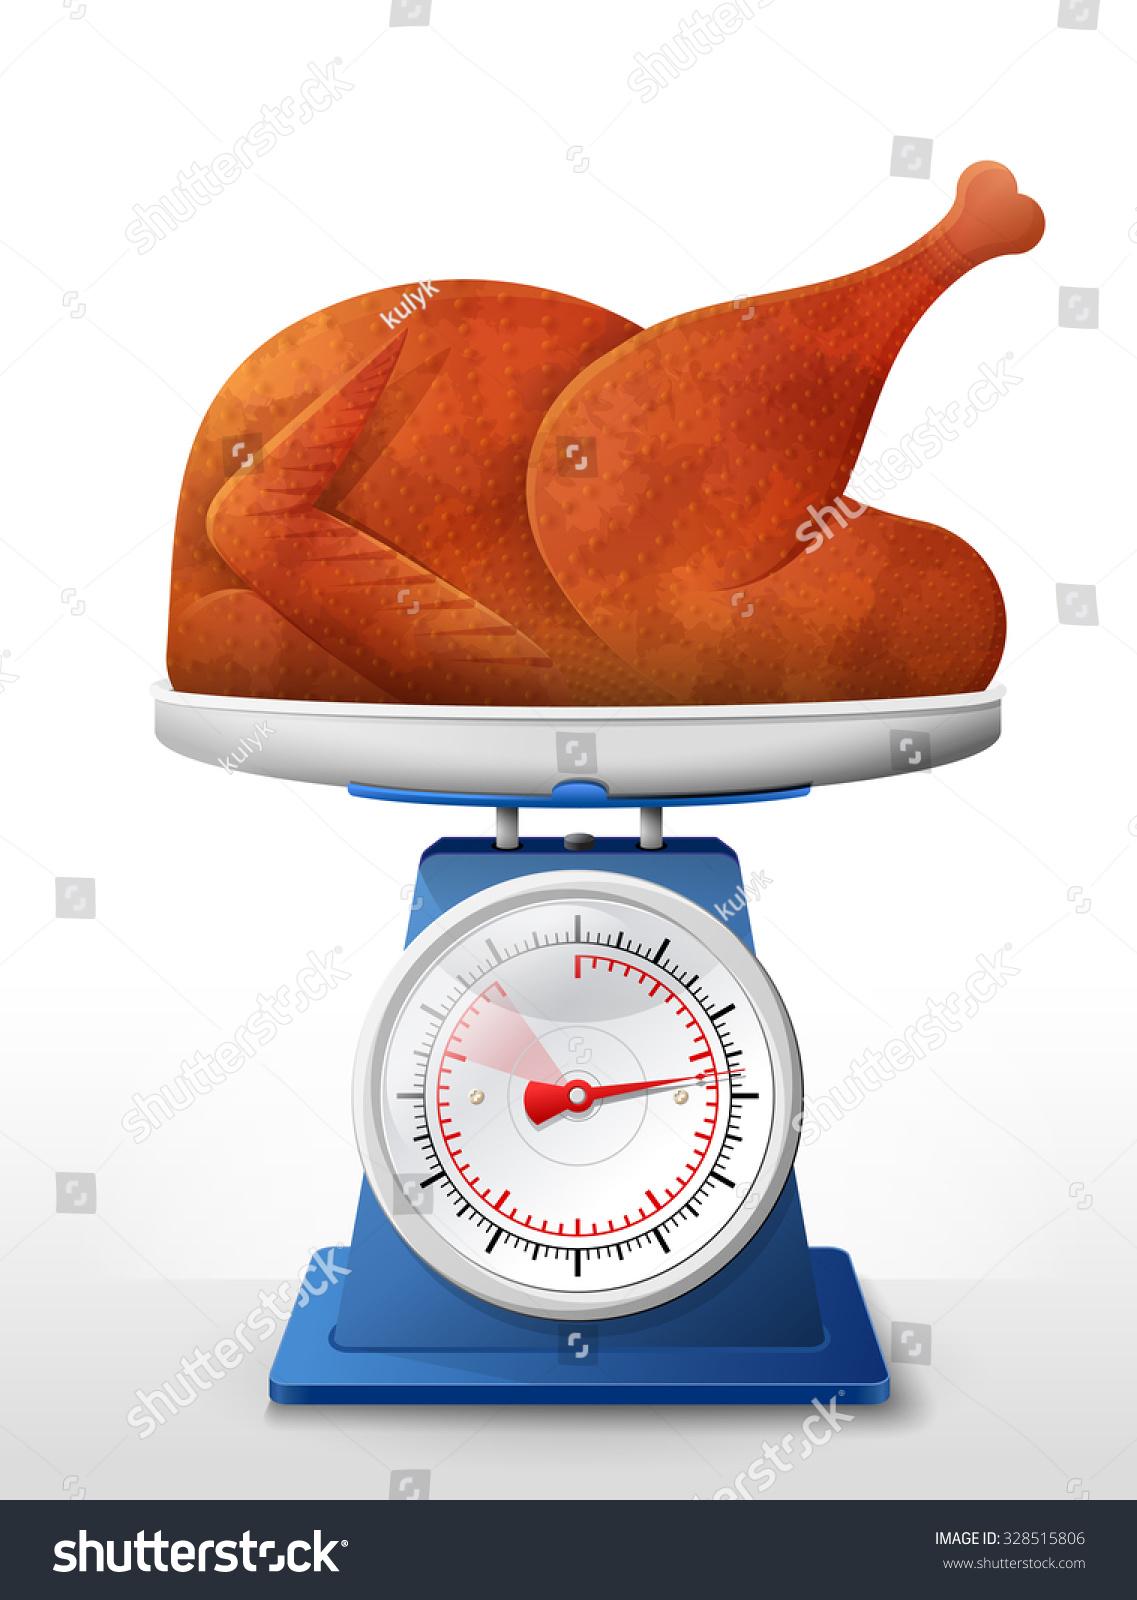 Roast Turkey Chicken On Scale Pan Stock Vector 328515806